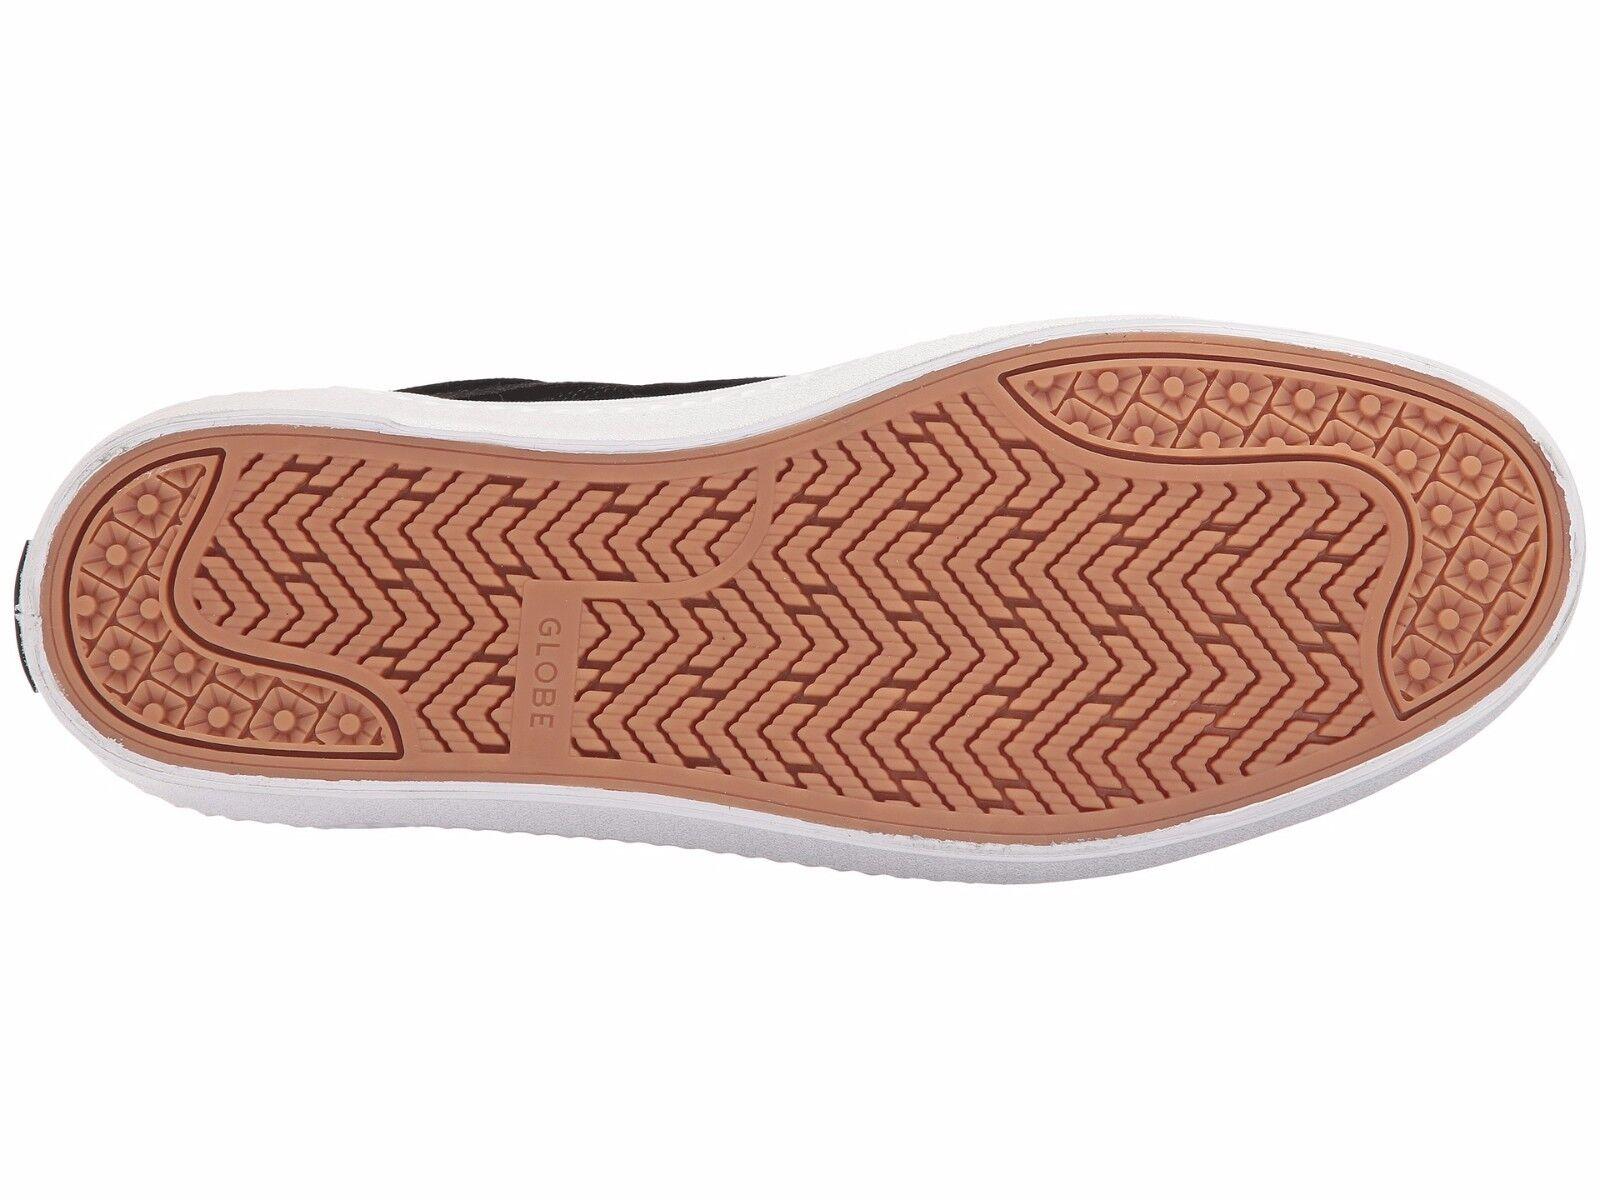 Herren GLOBE SPROUT SKATEBOARDING Weiß Schuhe NIB BLACK BLACK Weiß SKATEBOARDING ba0512